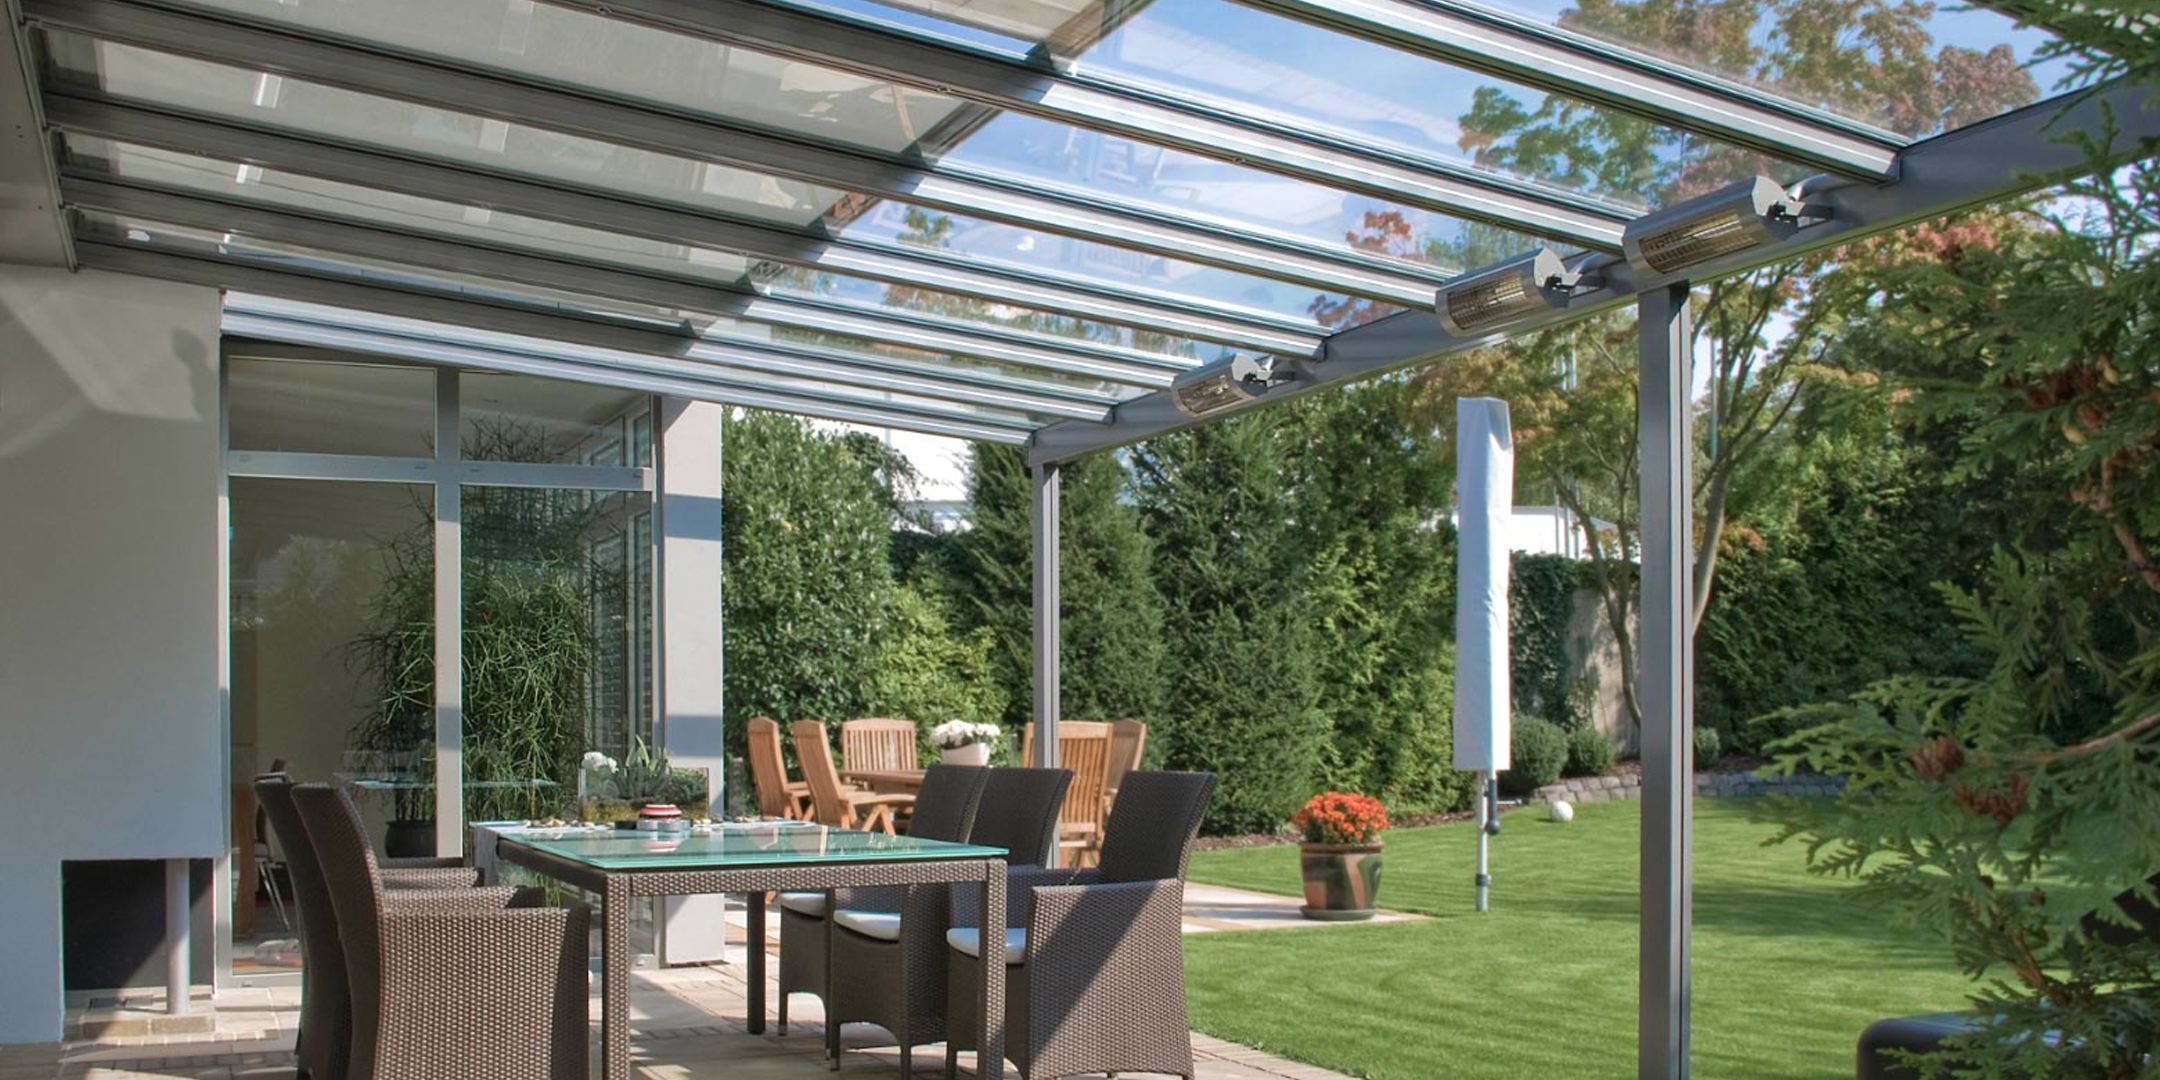 Terrassend cher ph wintergarten - Ph wintergarten ...